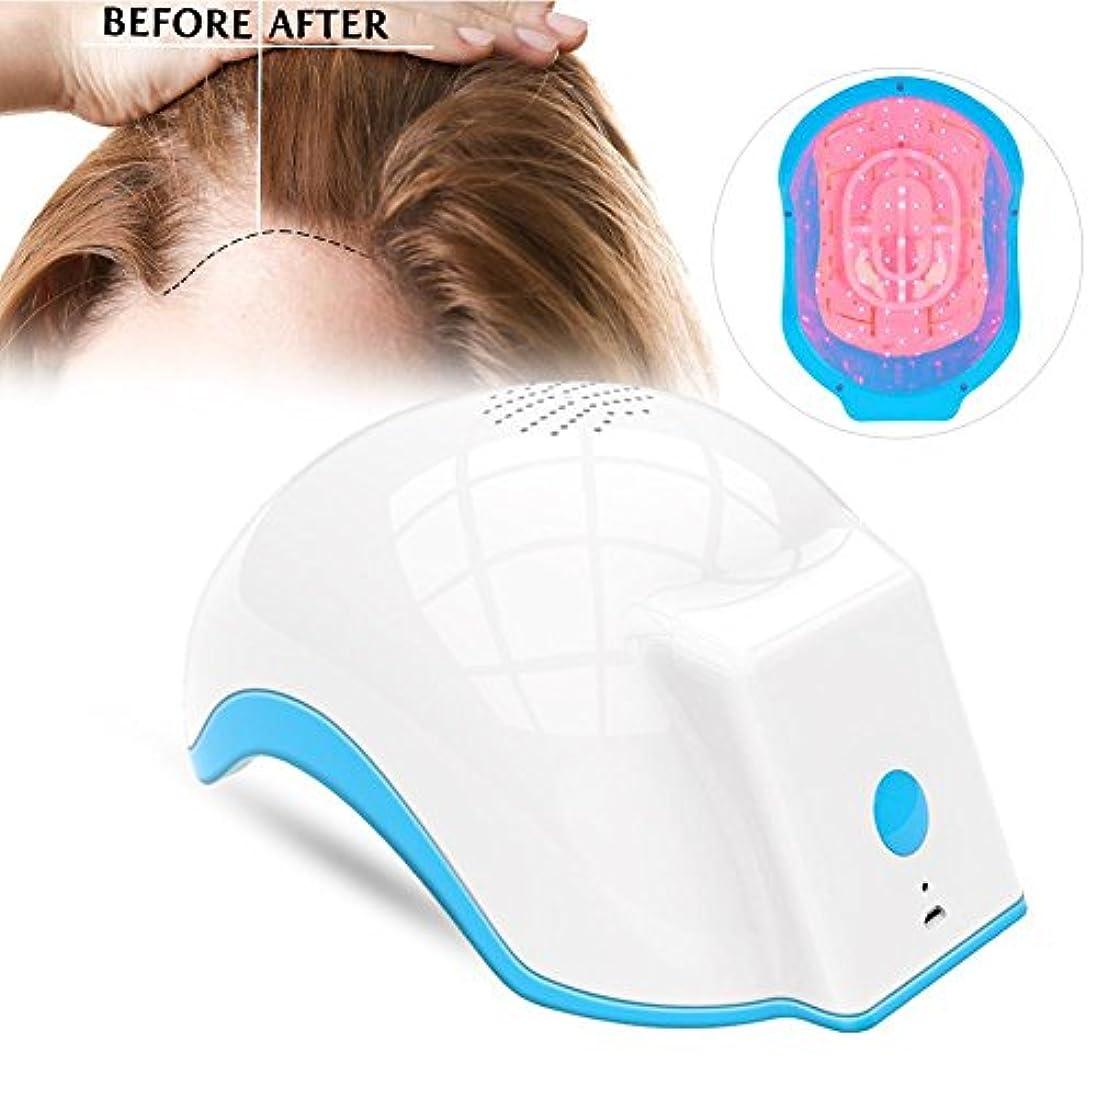 ミル補充なくなる育毛ヘルメット 100-240ボルト 抜け毛 再生脱毛症 キャップヘルメットマッサージ機器(1)